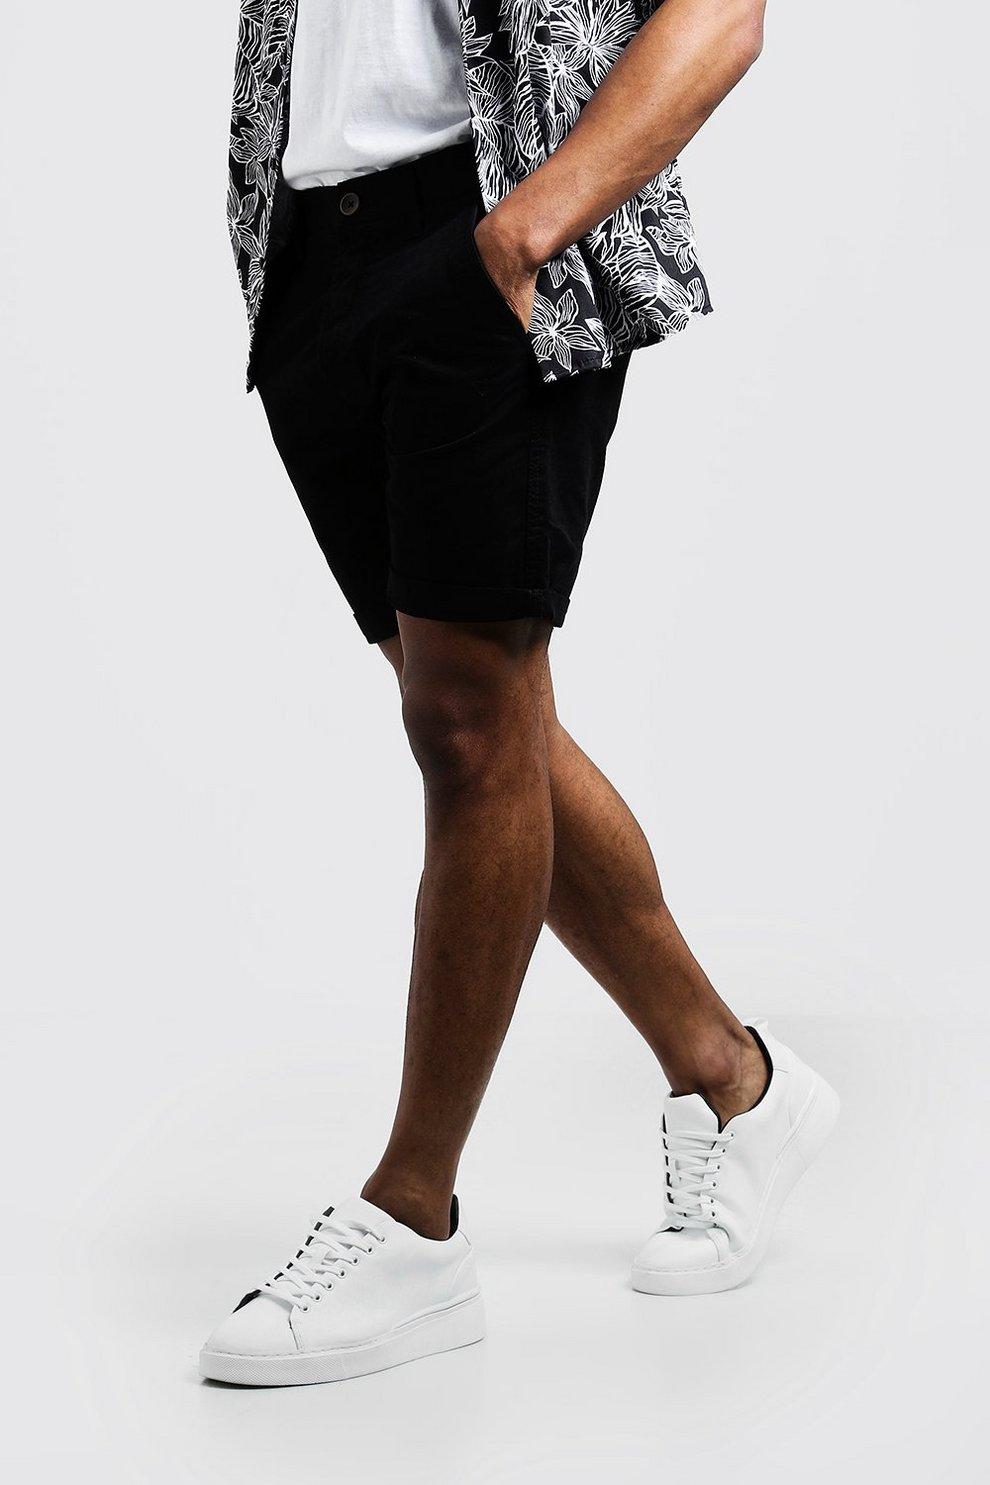 830efe93a47c Mens Black Slim Fit Rigid Chino Short